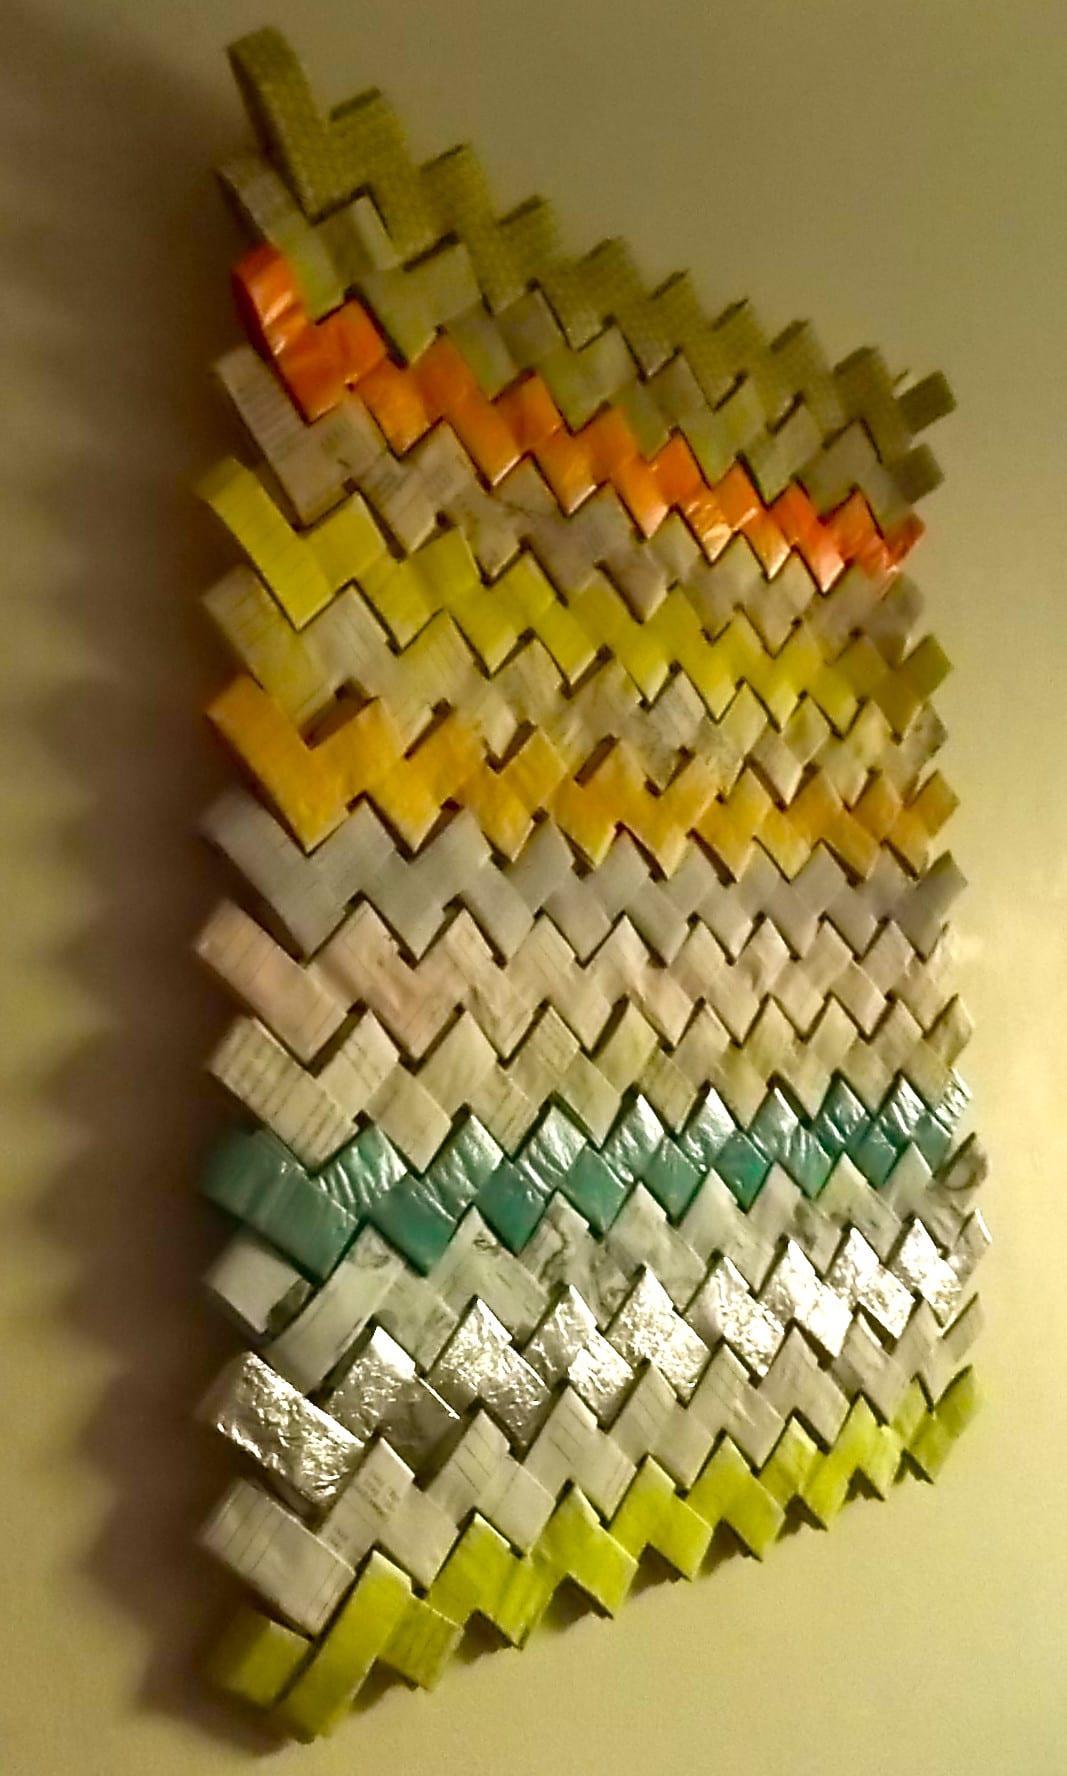 moderne wandgestaltung mit farbe und papier als kreative wanddekoration wohnzimmer